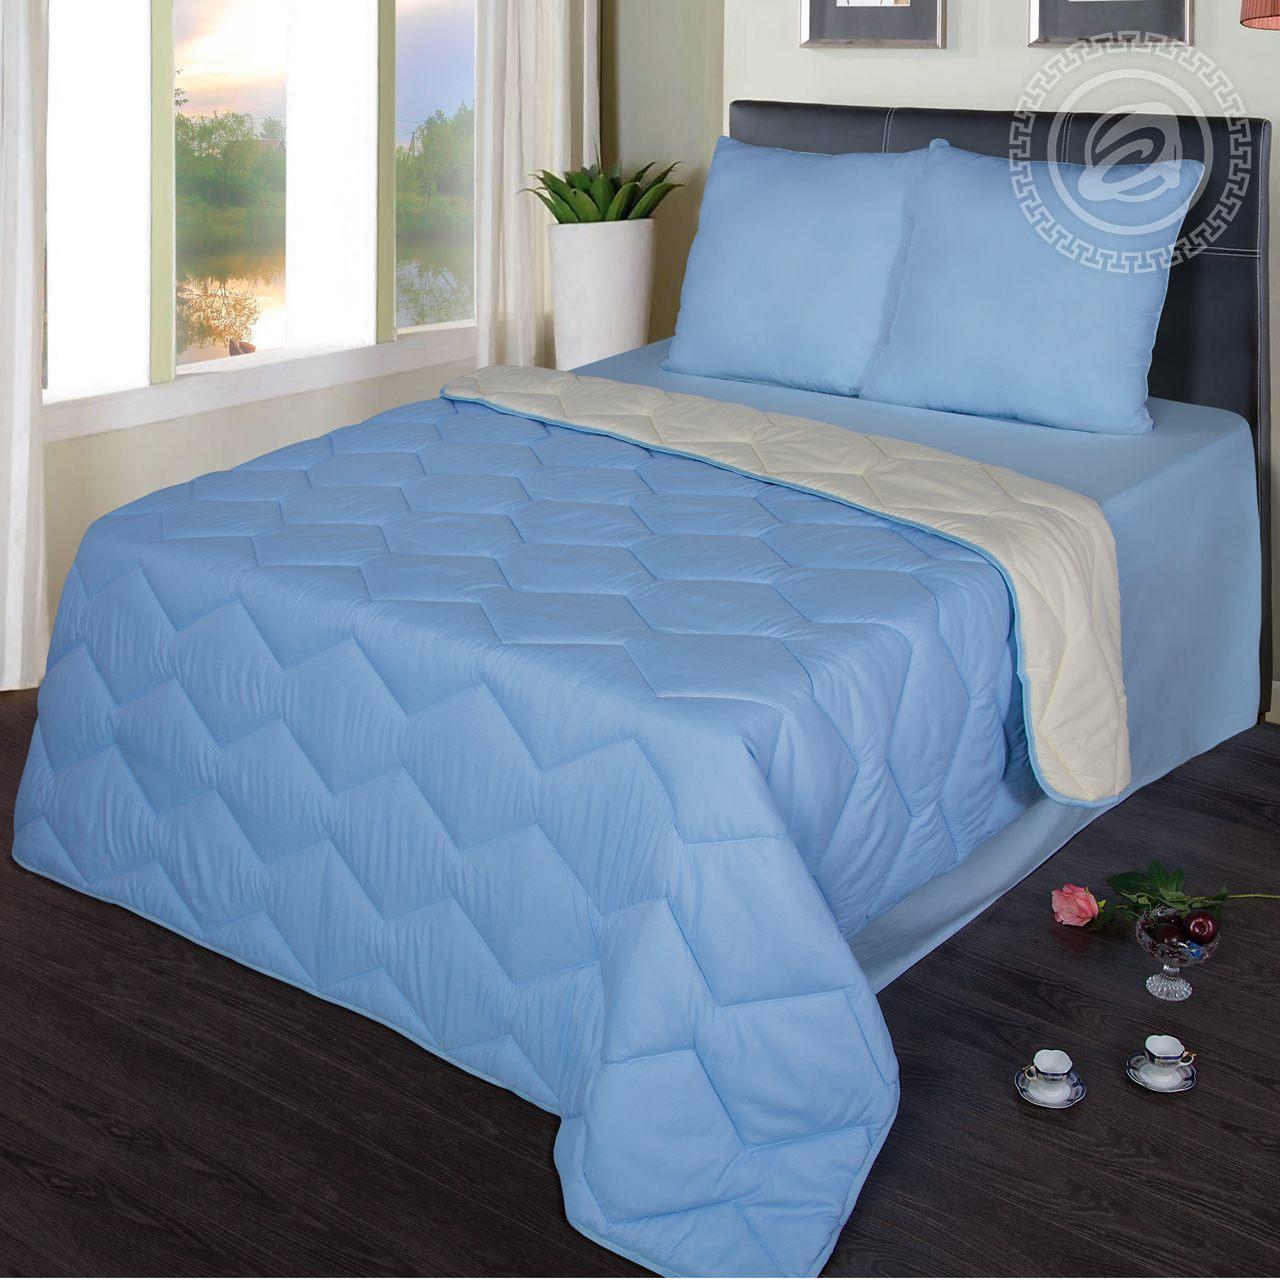 """Одеяло """"Comfort Голубой"""" р. Евро — Comfort Голубой"""